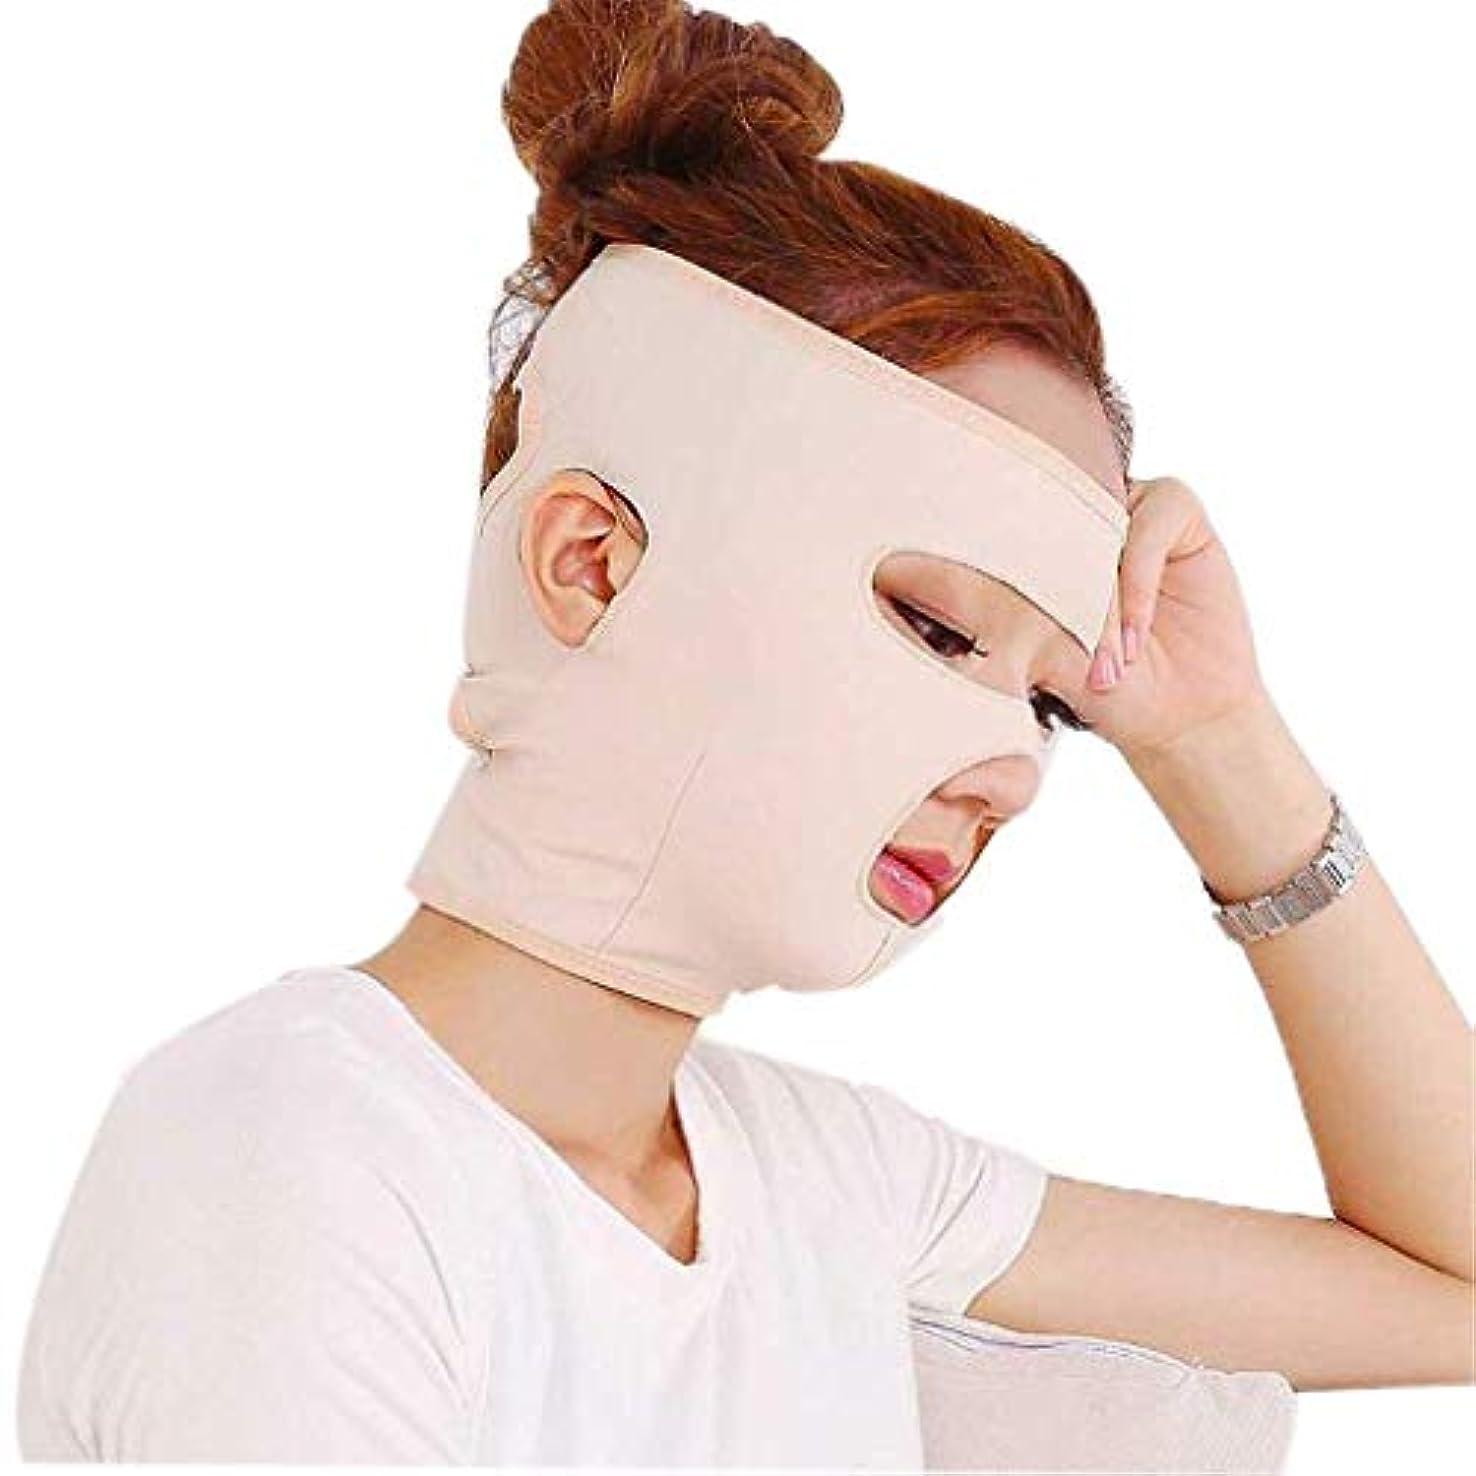 ストレージ前部やるフェイスリフティングマスク、フルフェイス通気性の術後回復包帯リフティング引き締め肌の減少により小さなVフェイスマスクを作成(サイズ:L)